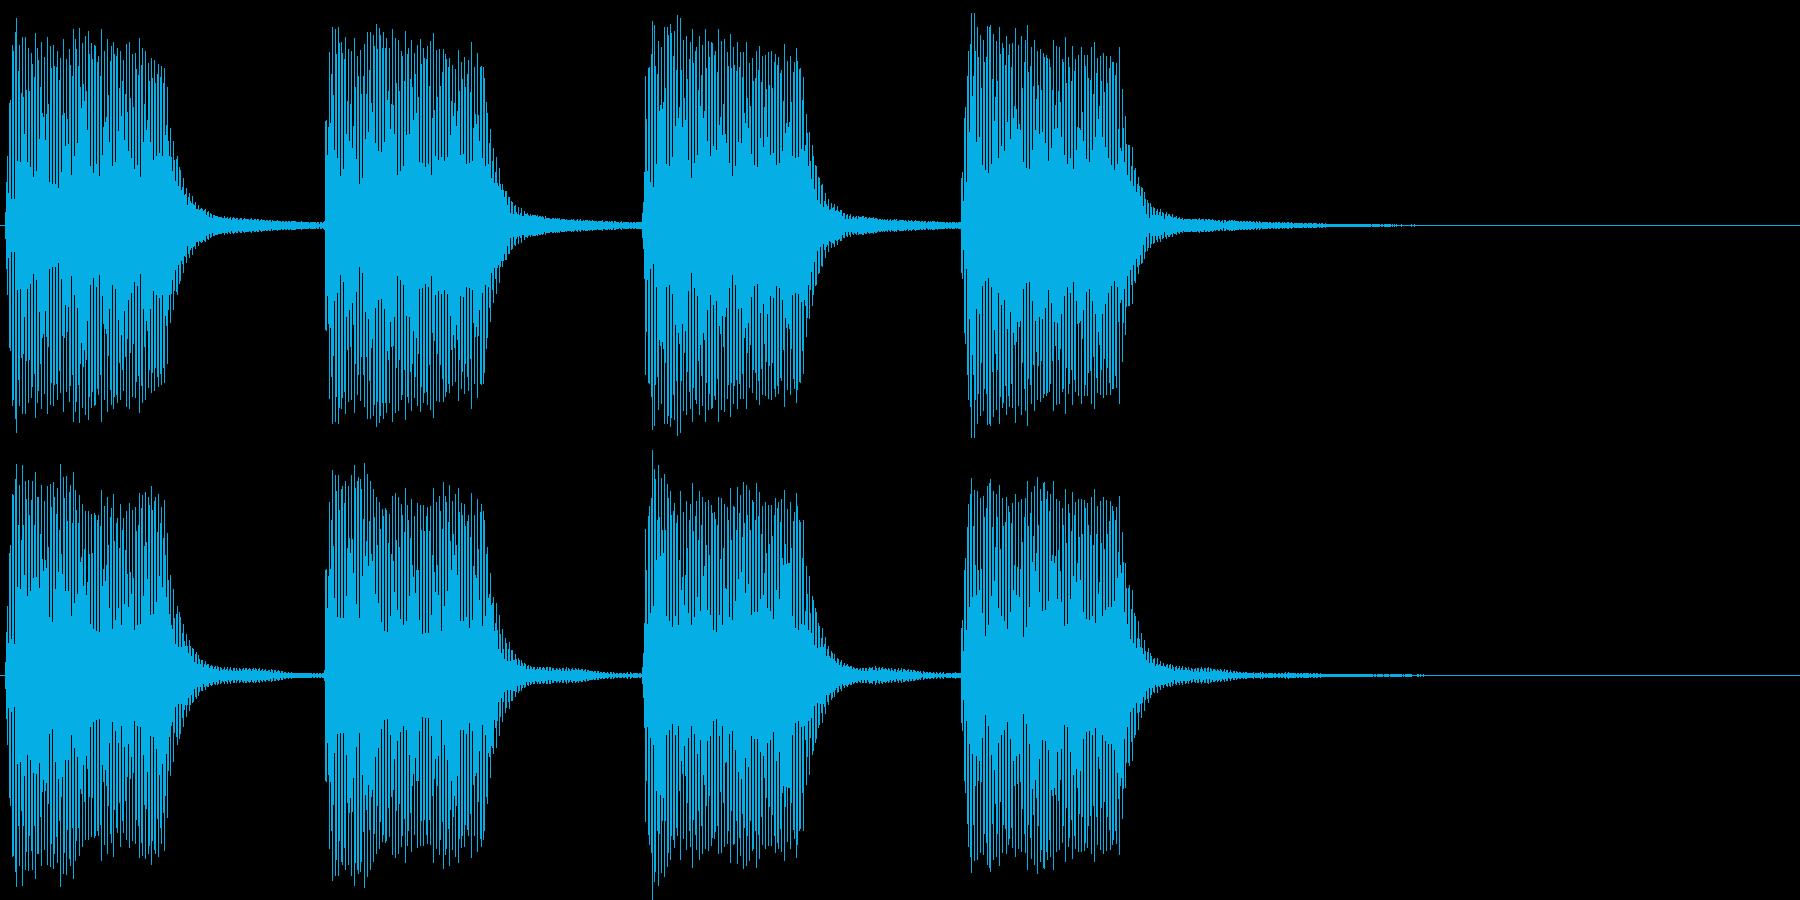 ヴィーヴィー。緊急事態の警報音Eの再生済みの波形